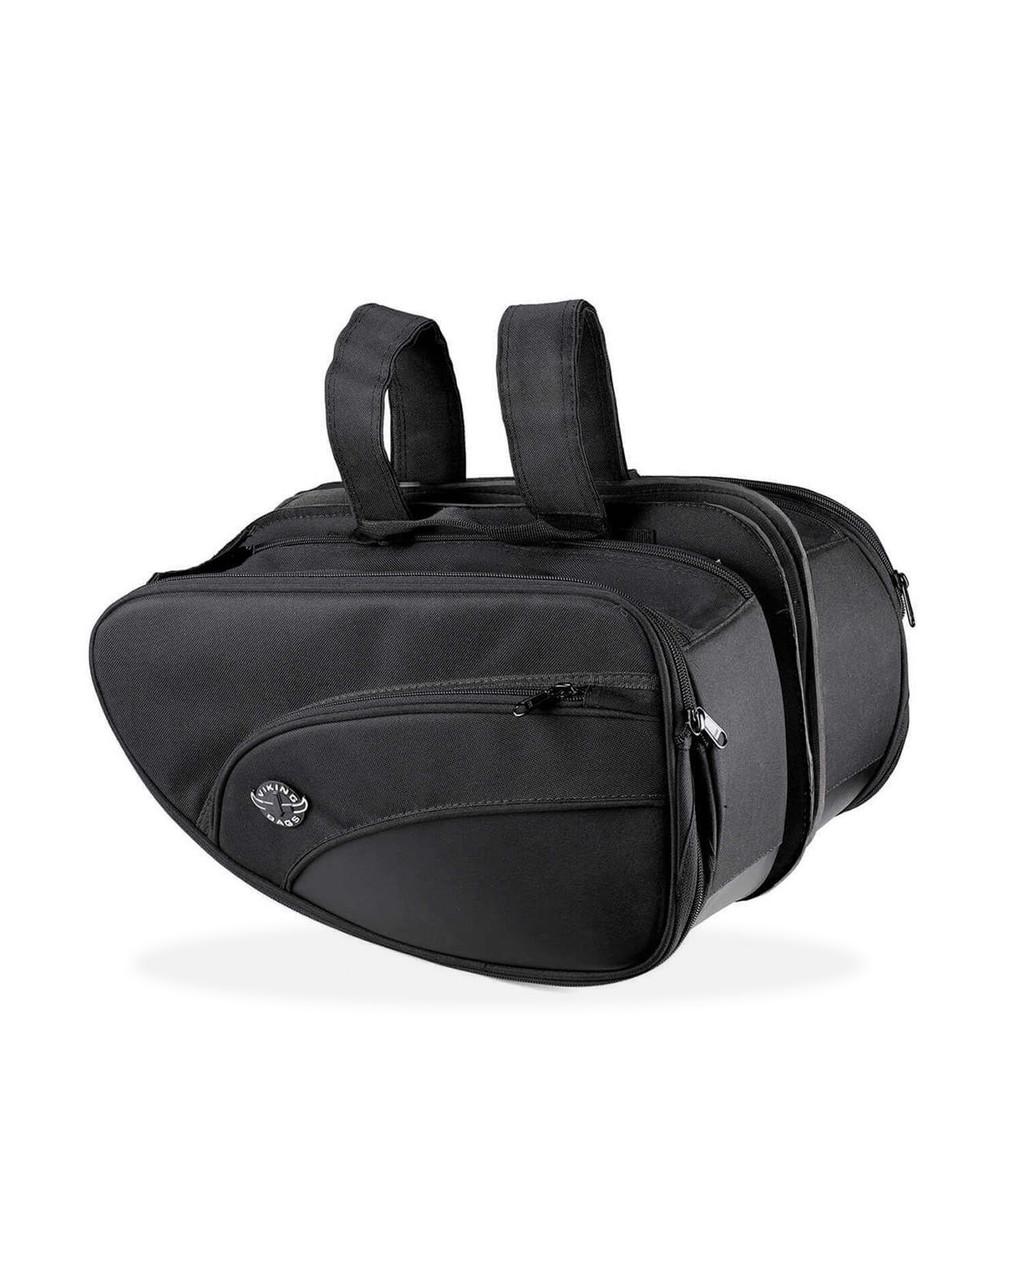 Viking Mini Expandable Black Street/Sportbike Saddlebags Both bags View